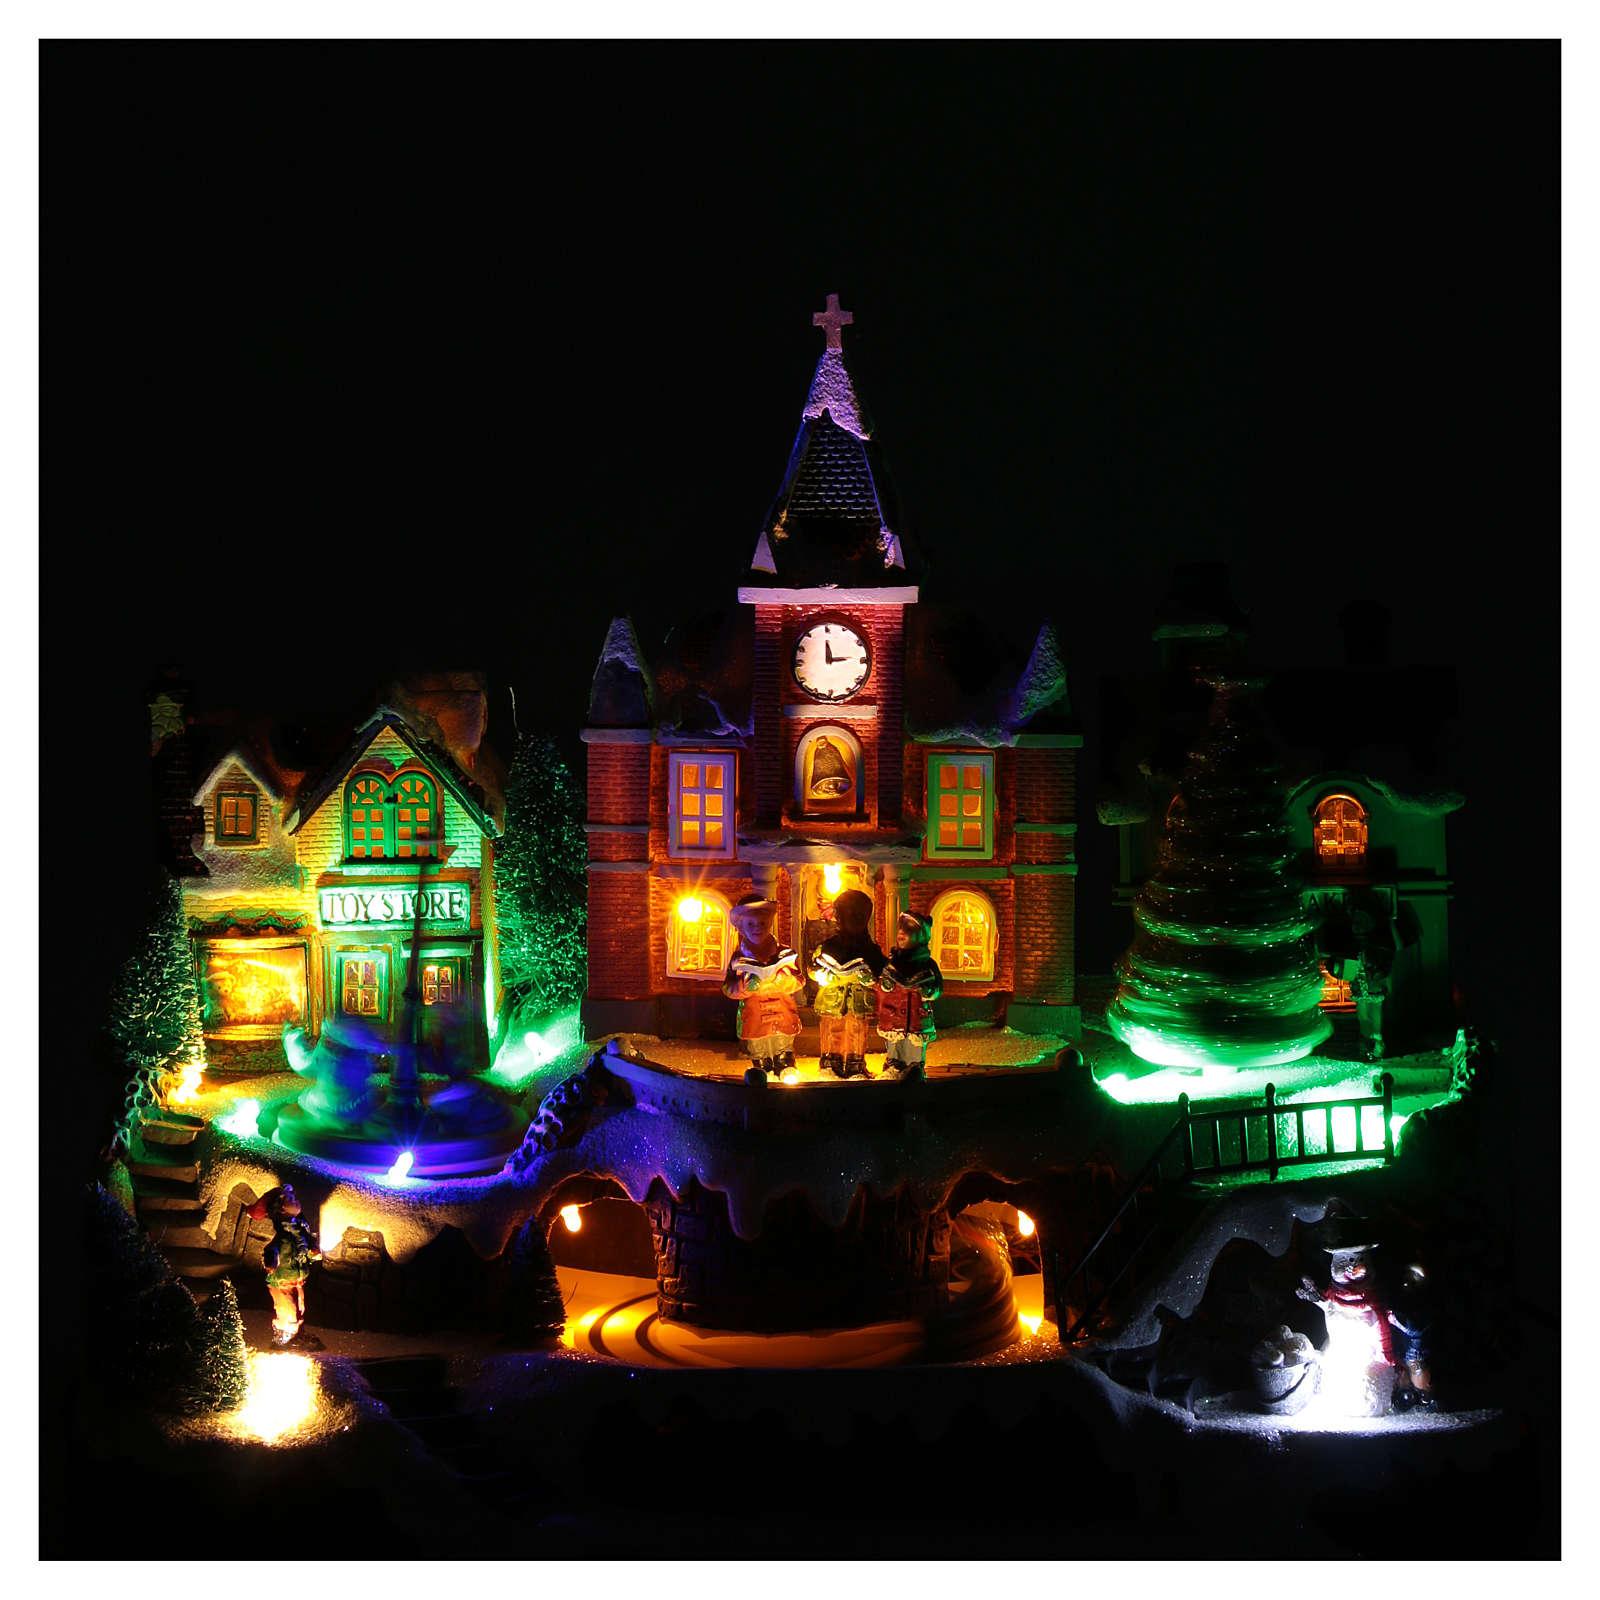 Pueblo navideño luminoso musica movimiento tren fuente árbol navidad 28x34x19 cm 3